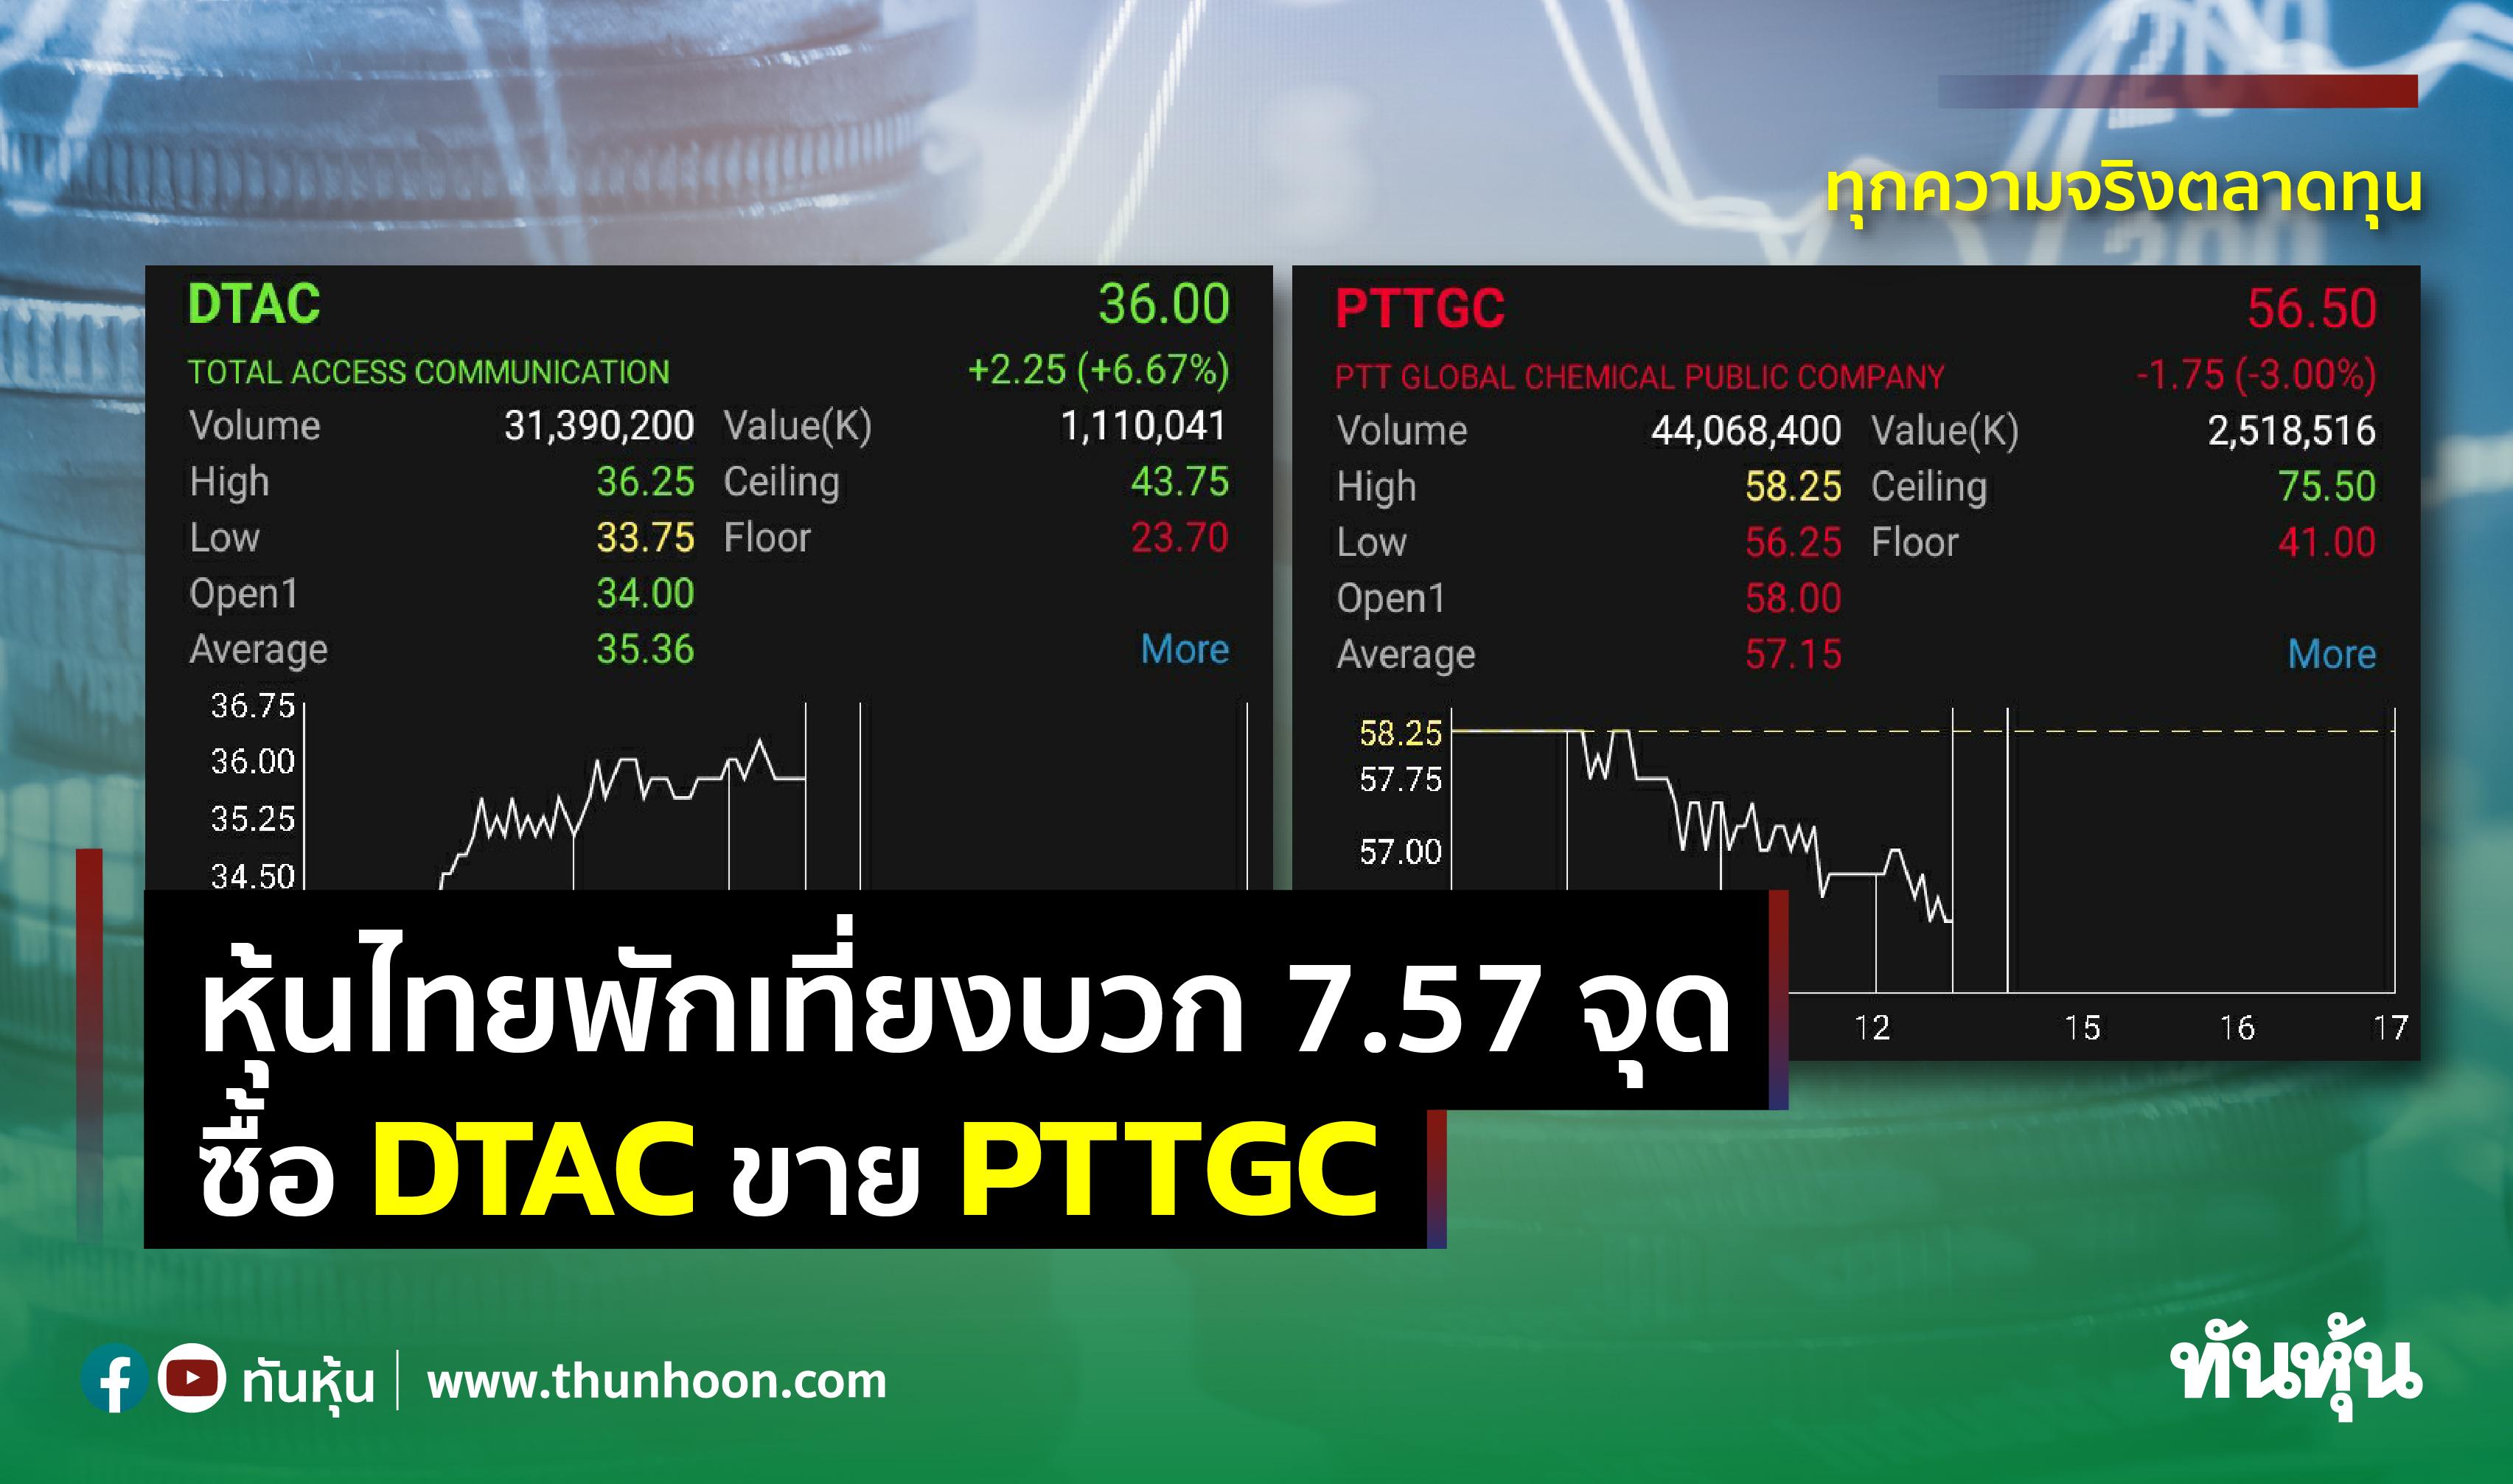 หุ้นไทยพักเที่ยงบวก 7.57 จุด ซื้อ DTAC ขาย PTTGC